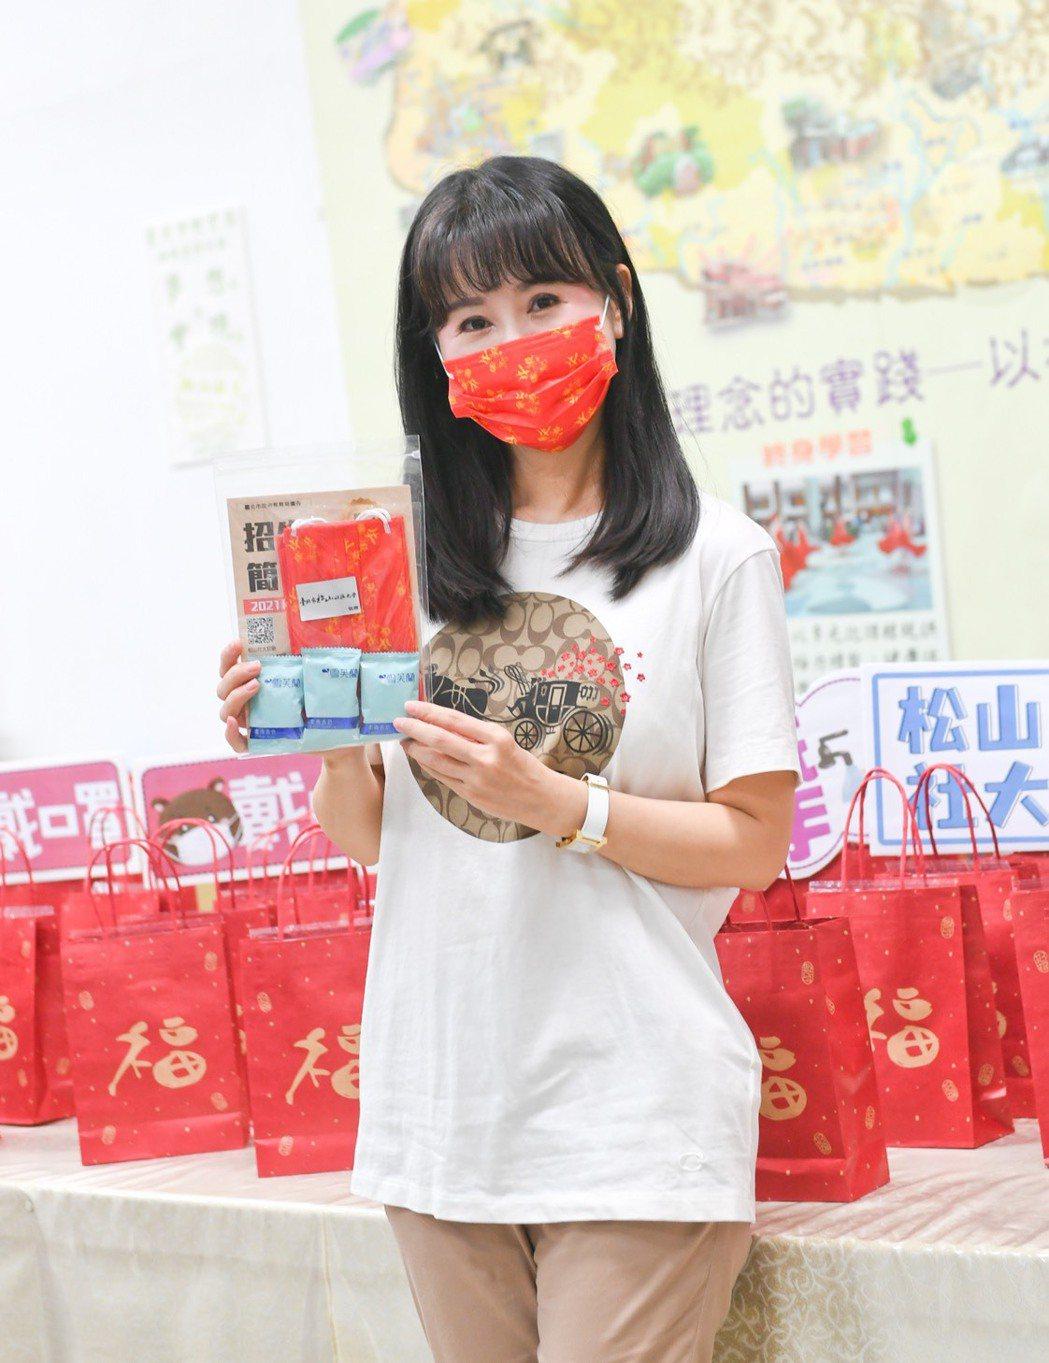 張如君發送2千份抗疫鴻運福袋。圖/台北松山社區大學提供